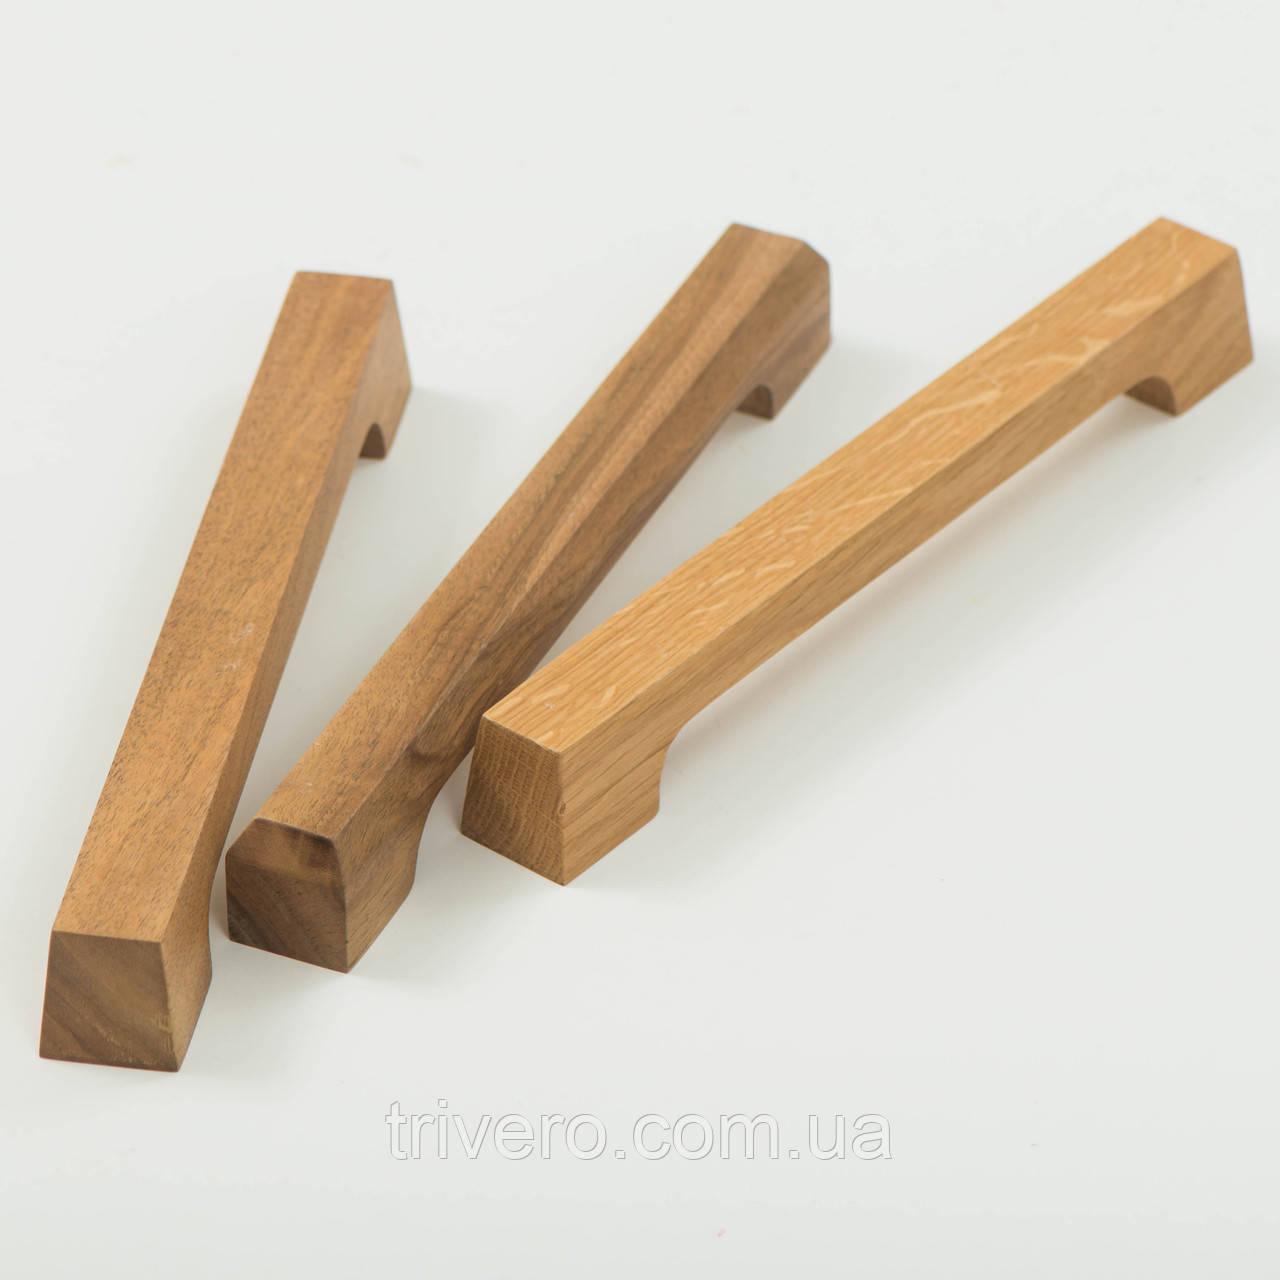 Ручка мебельная деревянная дуб орех клен ясень